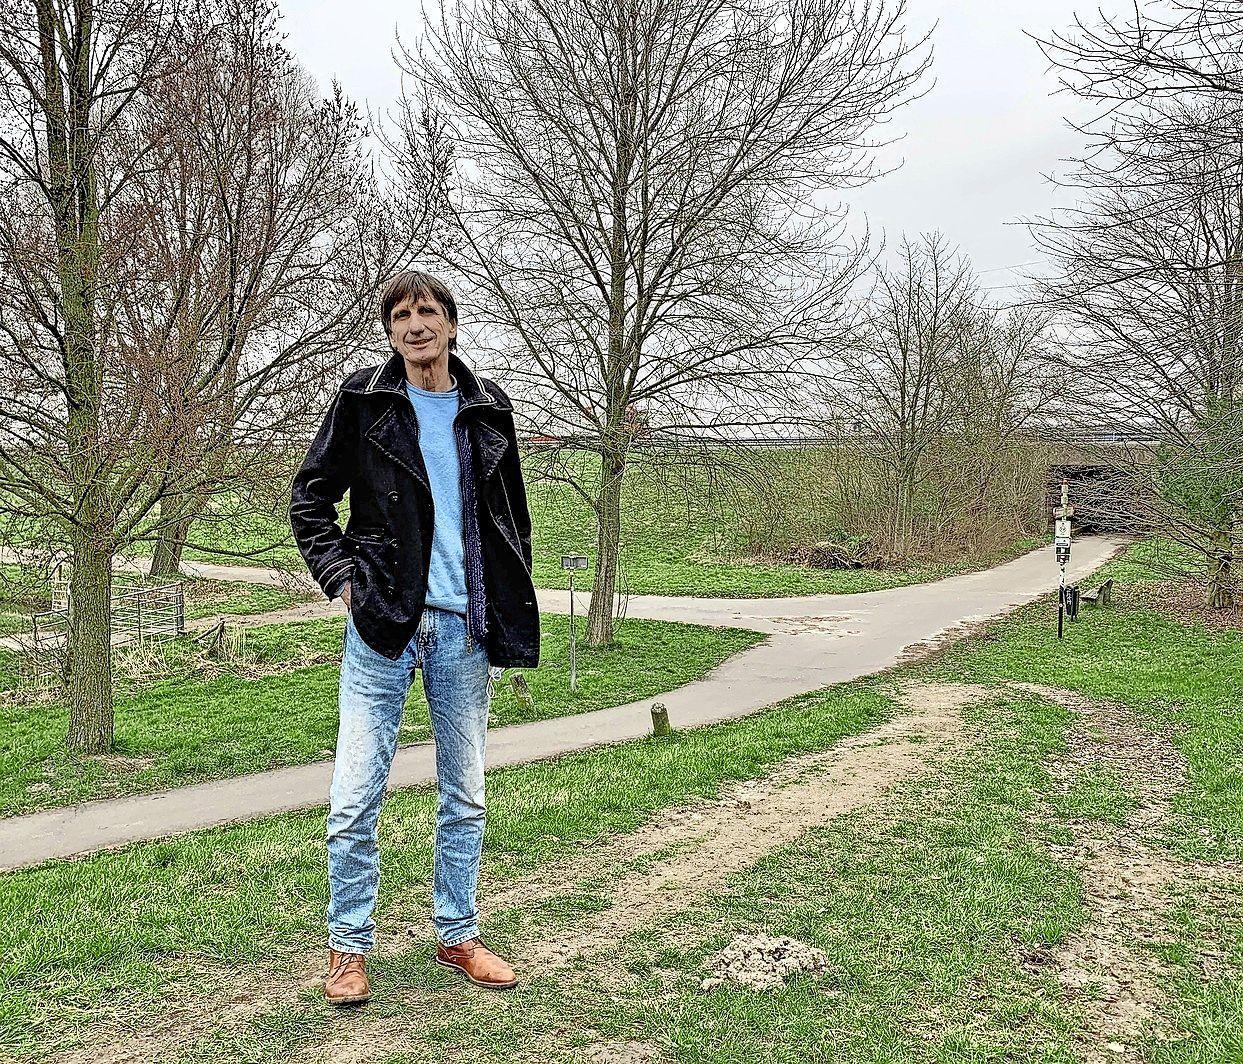 'Hart voor Naarden-Vesting' wil leefbaarheid én levendigheid van stad bevorderen; Tweede bewonersplatform in vesting opgezet uit onvrede met beleid eerste bewonersplatform